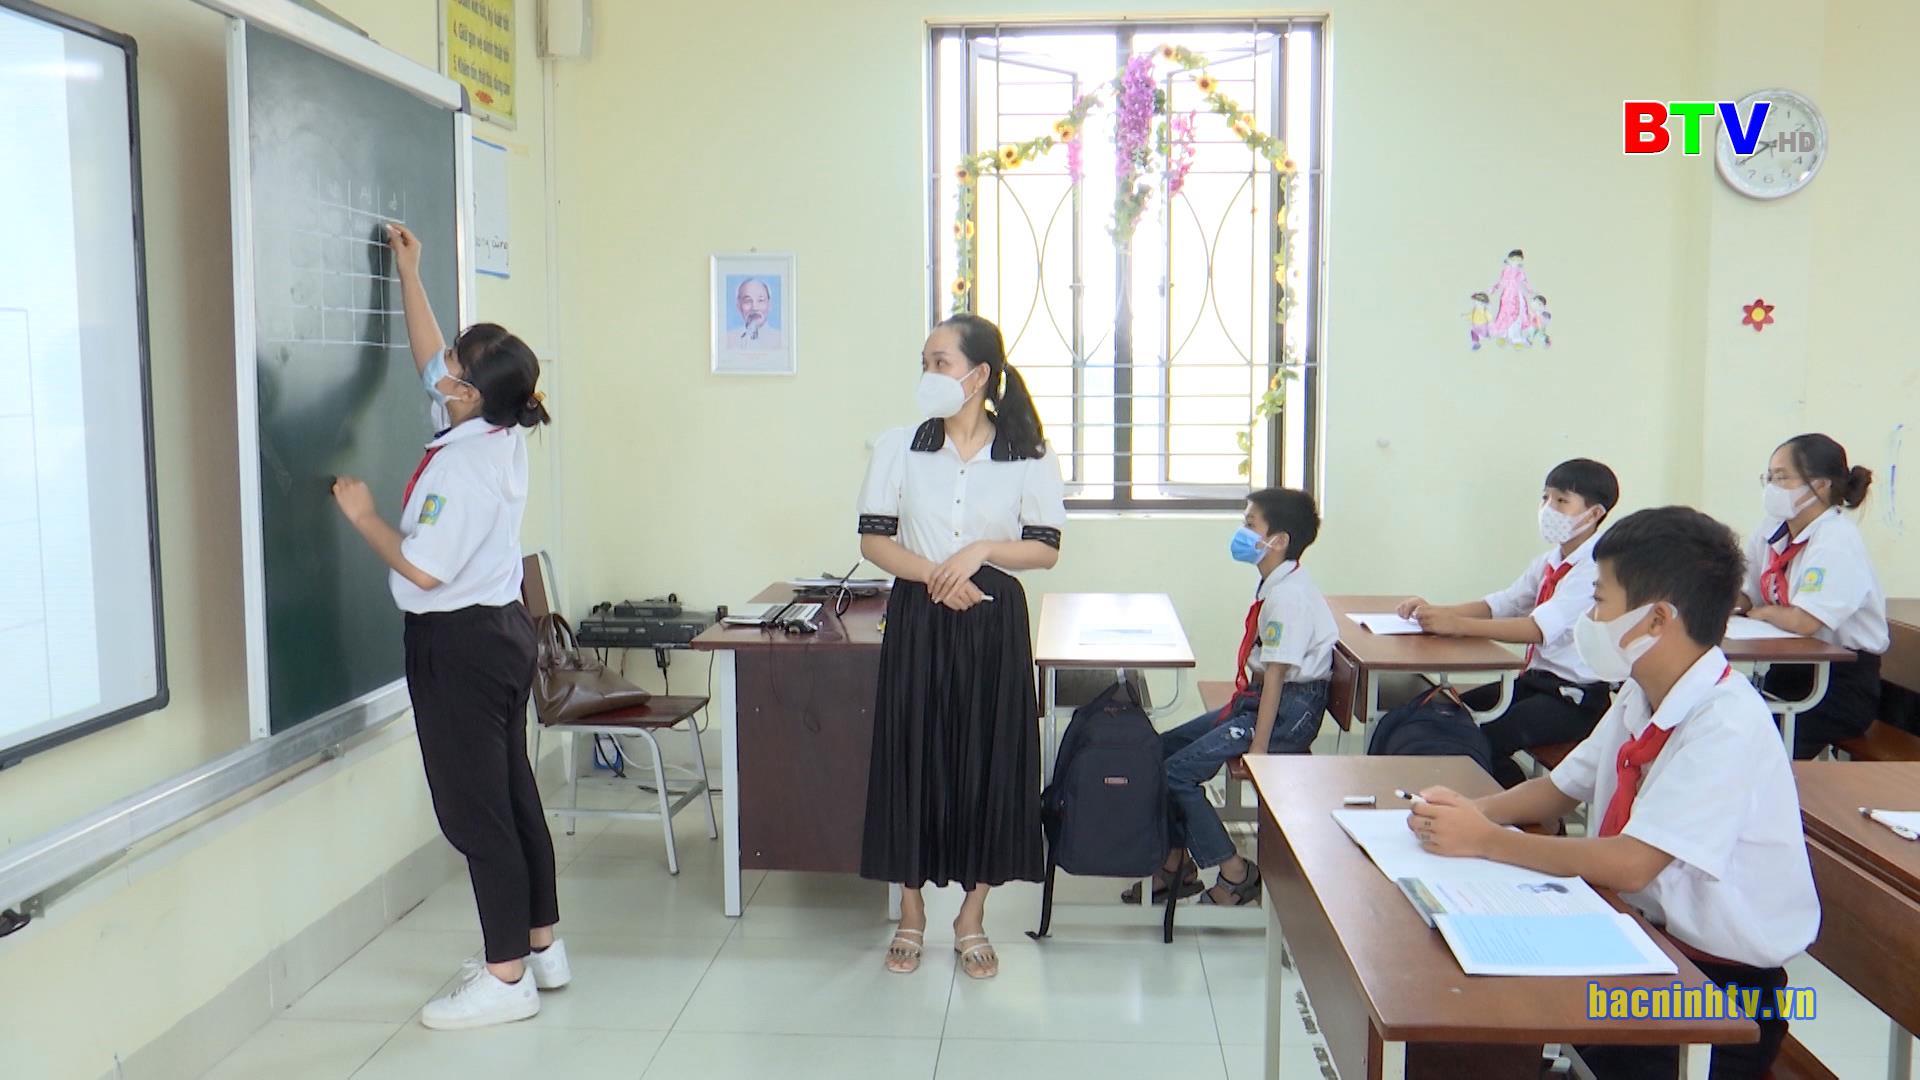 Hỗ trợ học sinh bị ảnh hưởng bởi dịch Covid - 19